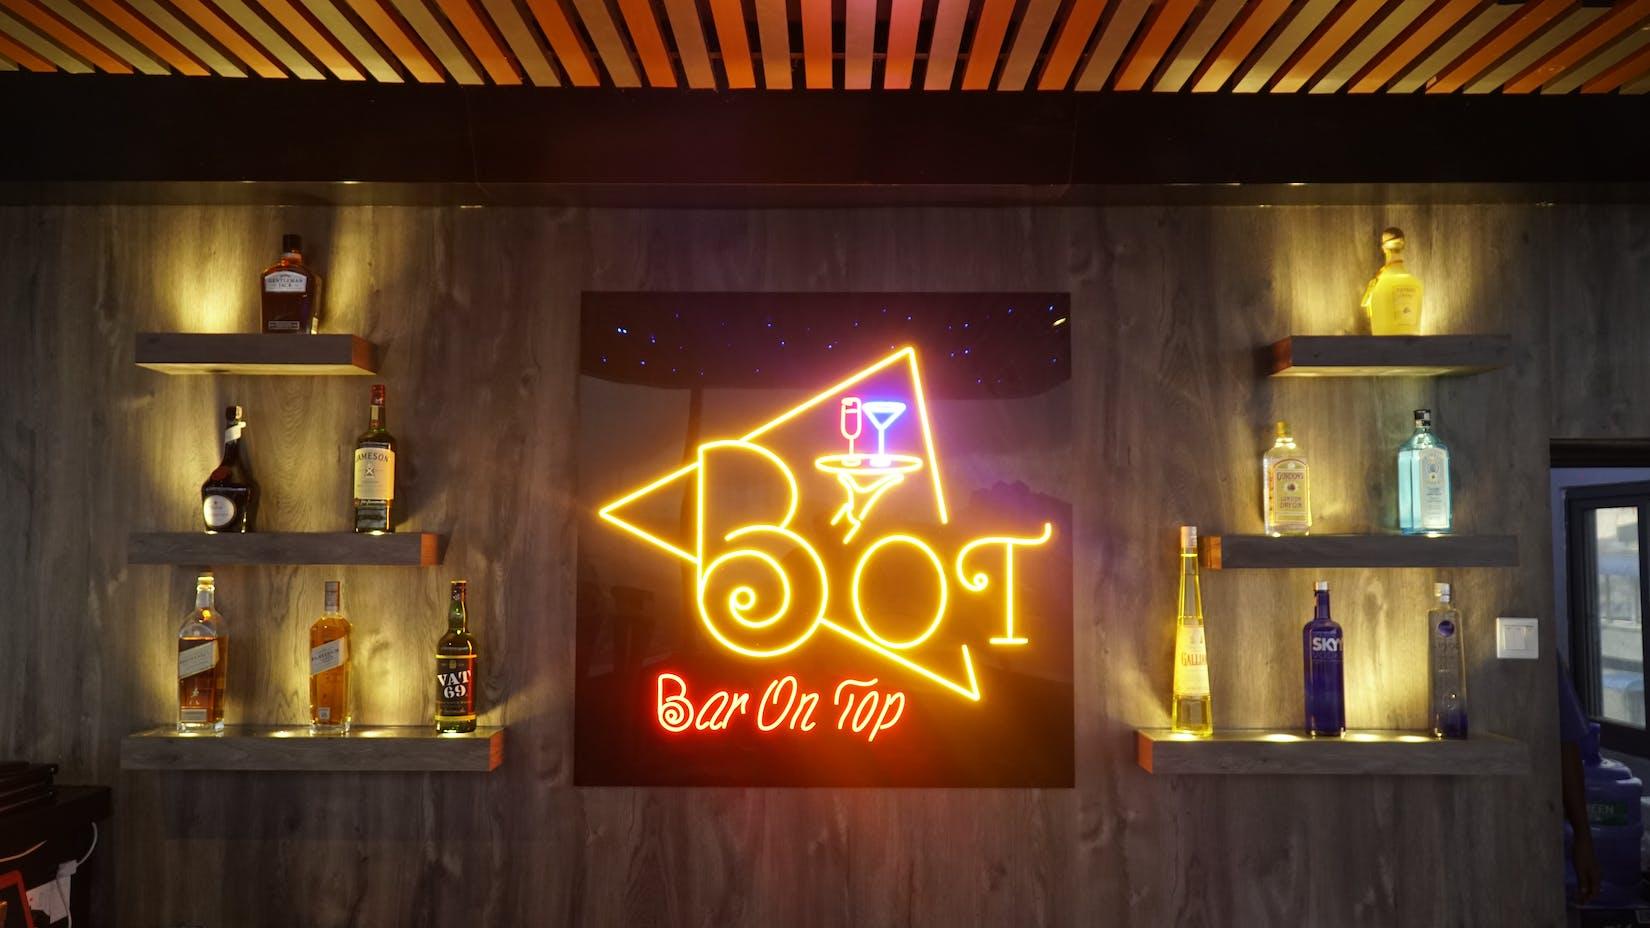 BOT Bar & Box Service | yathar